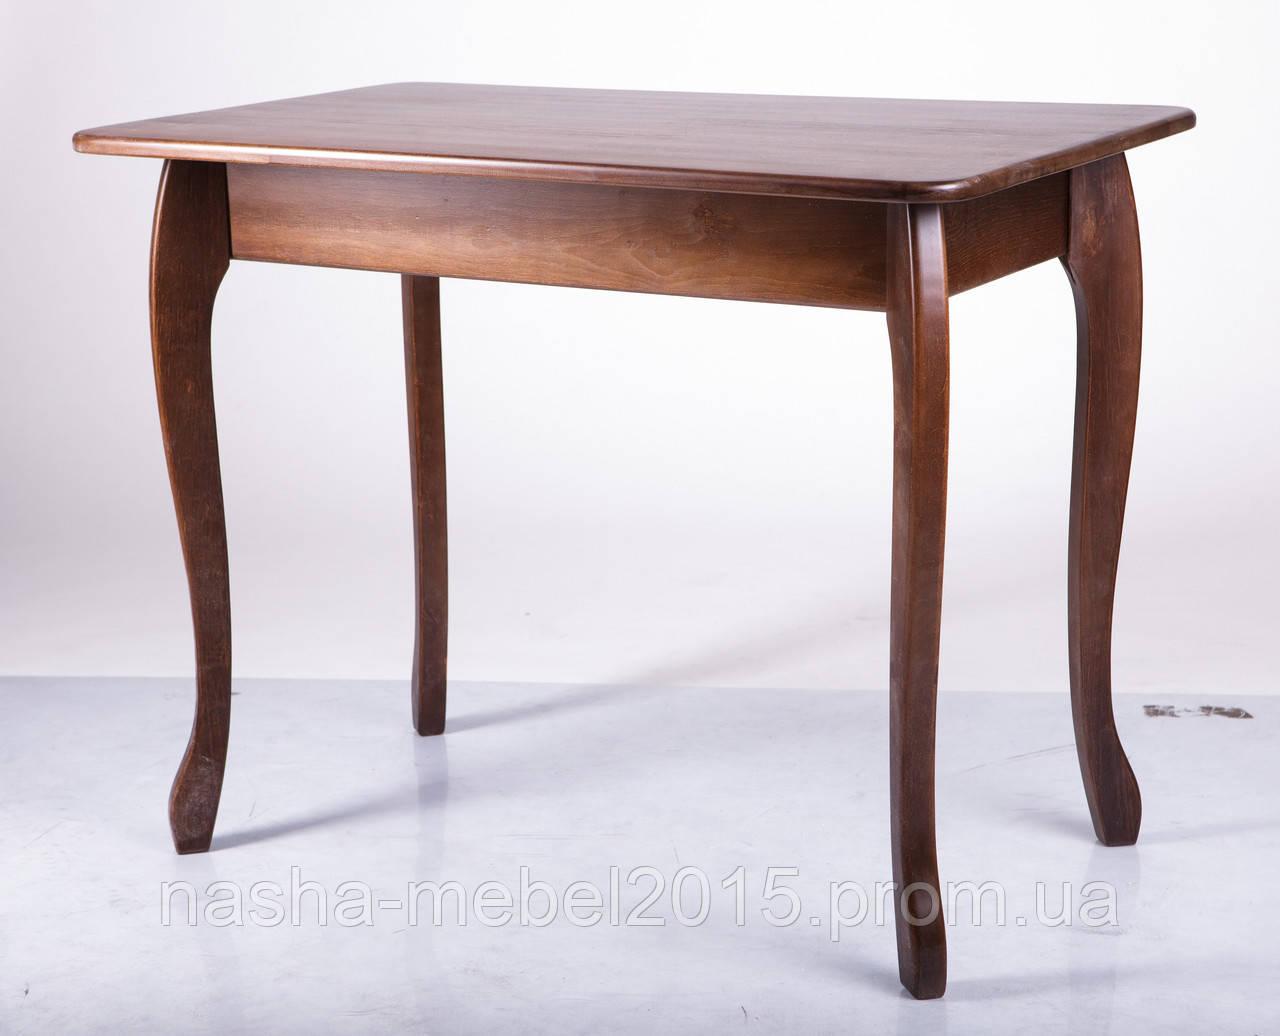 Стол деревянный кухонный Смарт темный орех